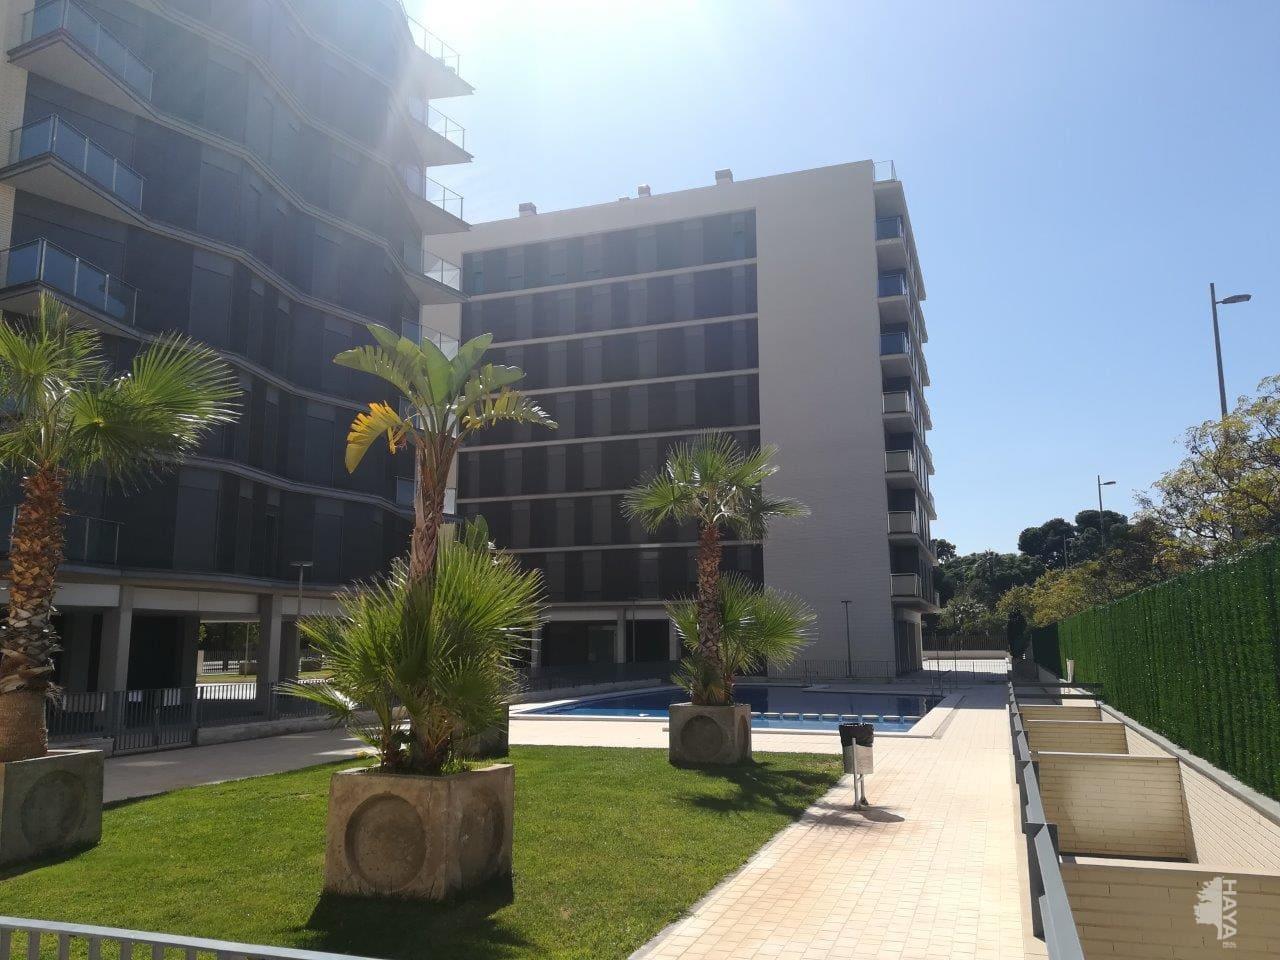 Piso en venta en Grupo Santiago, Castellón de la Plana/castelló de la Plana, Castellón, Calle la Safor, 124.950 €, 2 habitaciones, 2 baños, 121 m2